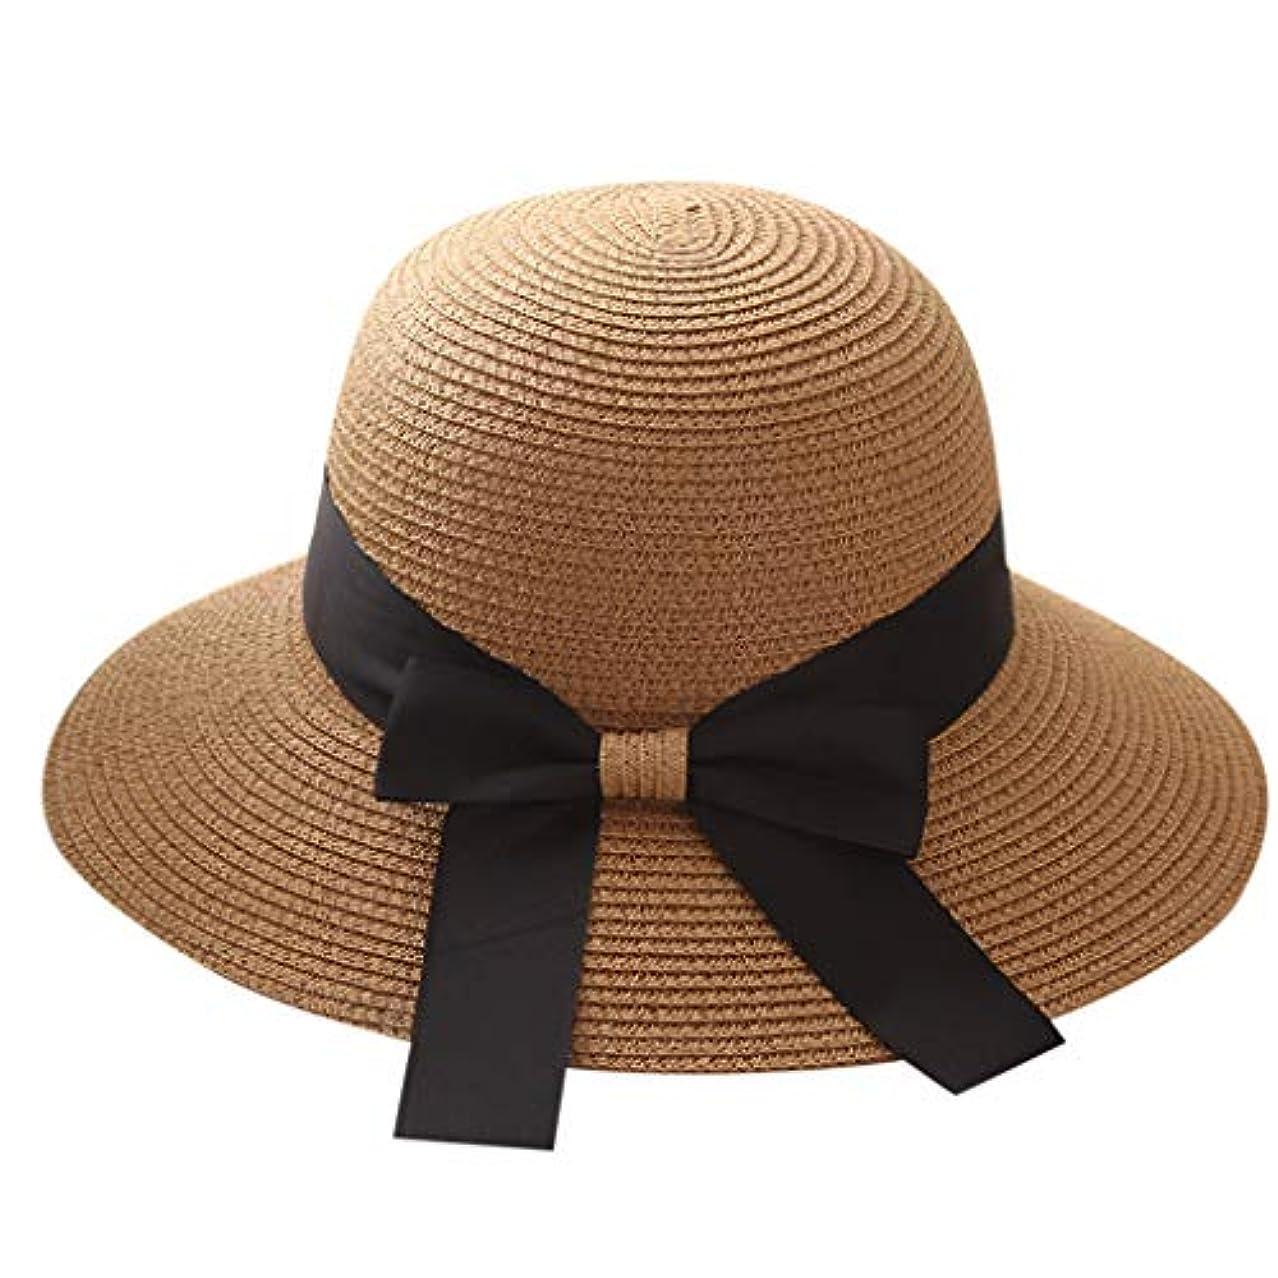 放つ振る舞いランダム帽子 レディース UVカット 漁師帽 99%uvカット 日よけ 日焼け防止 熱中症予防 折りたたみ つば広 紫外線対策 麦わら帽子 uv帽 小顔効果 おしゃれ 可愛い 女優帽 高級感 軽量 通気 旅行用 大きいサイズ ROSE...